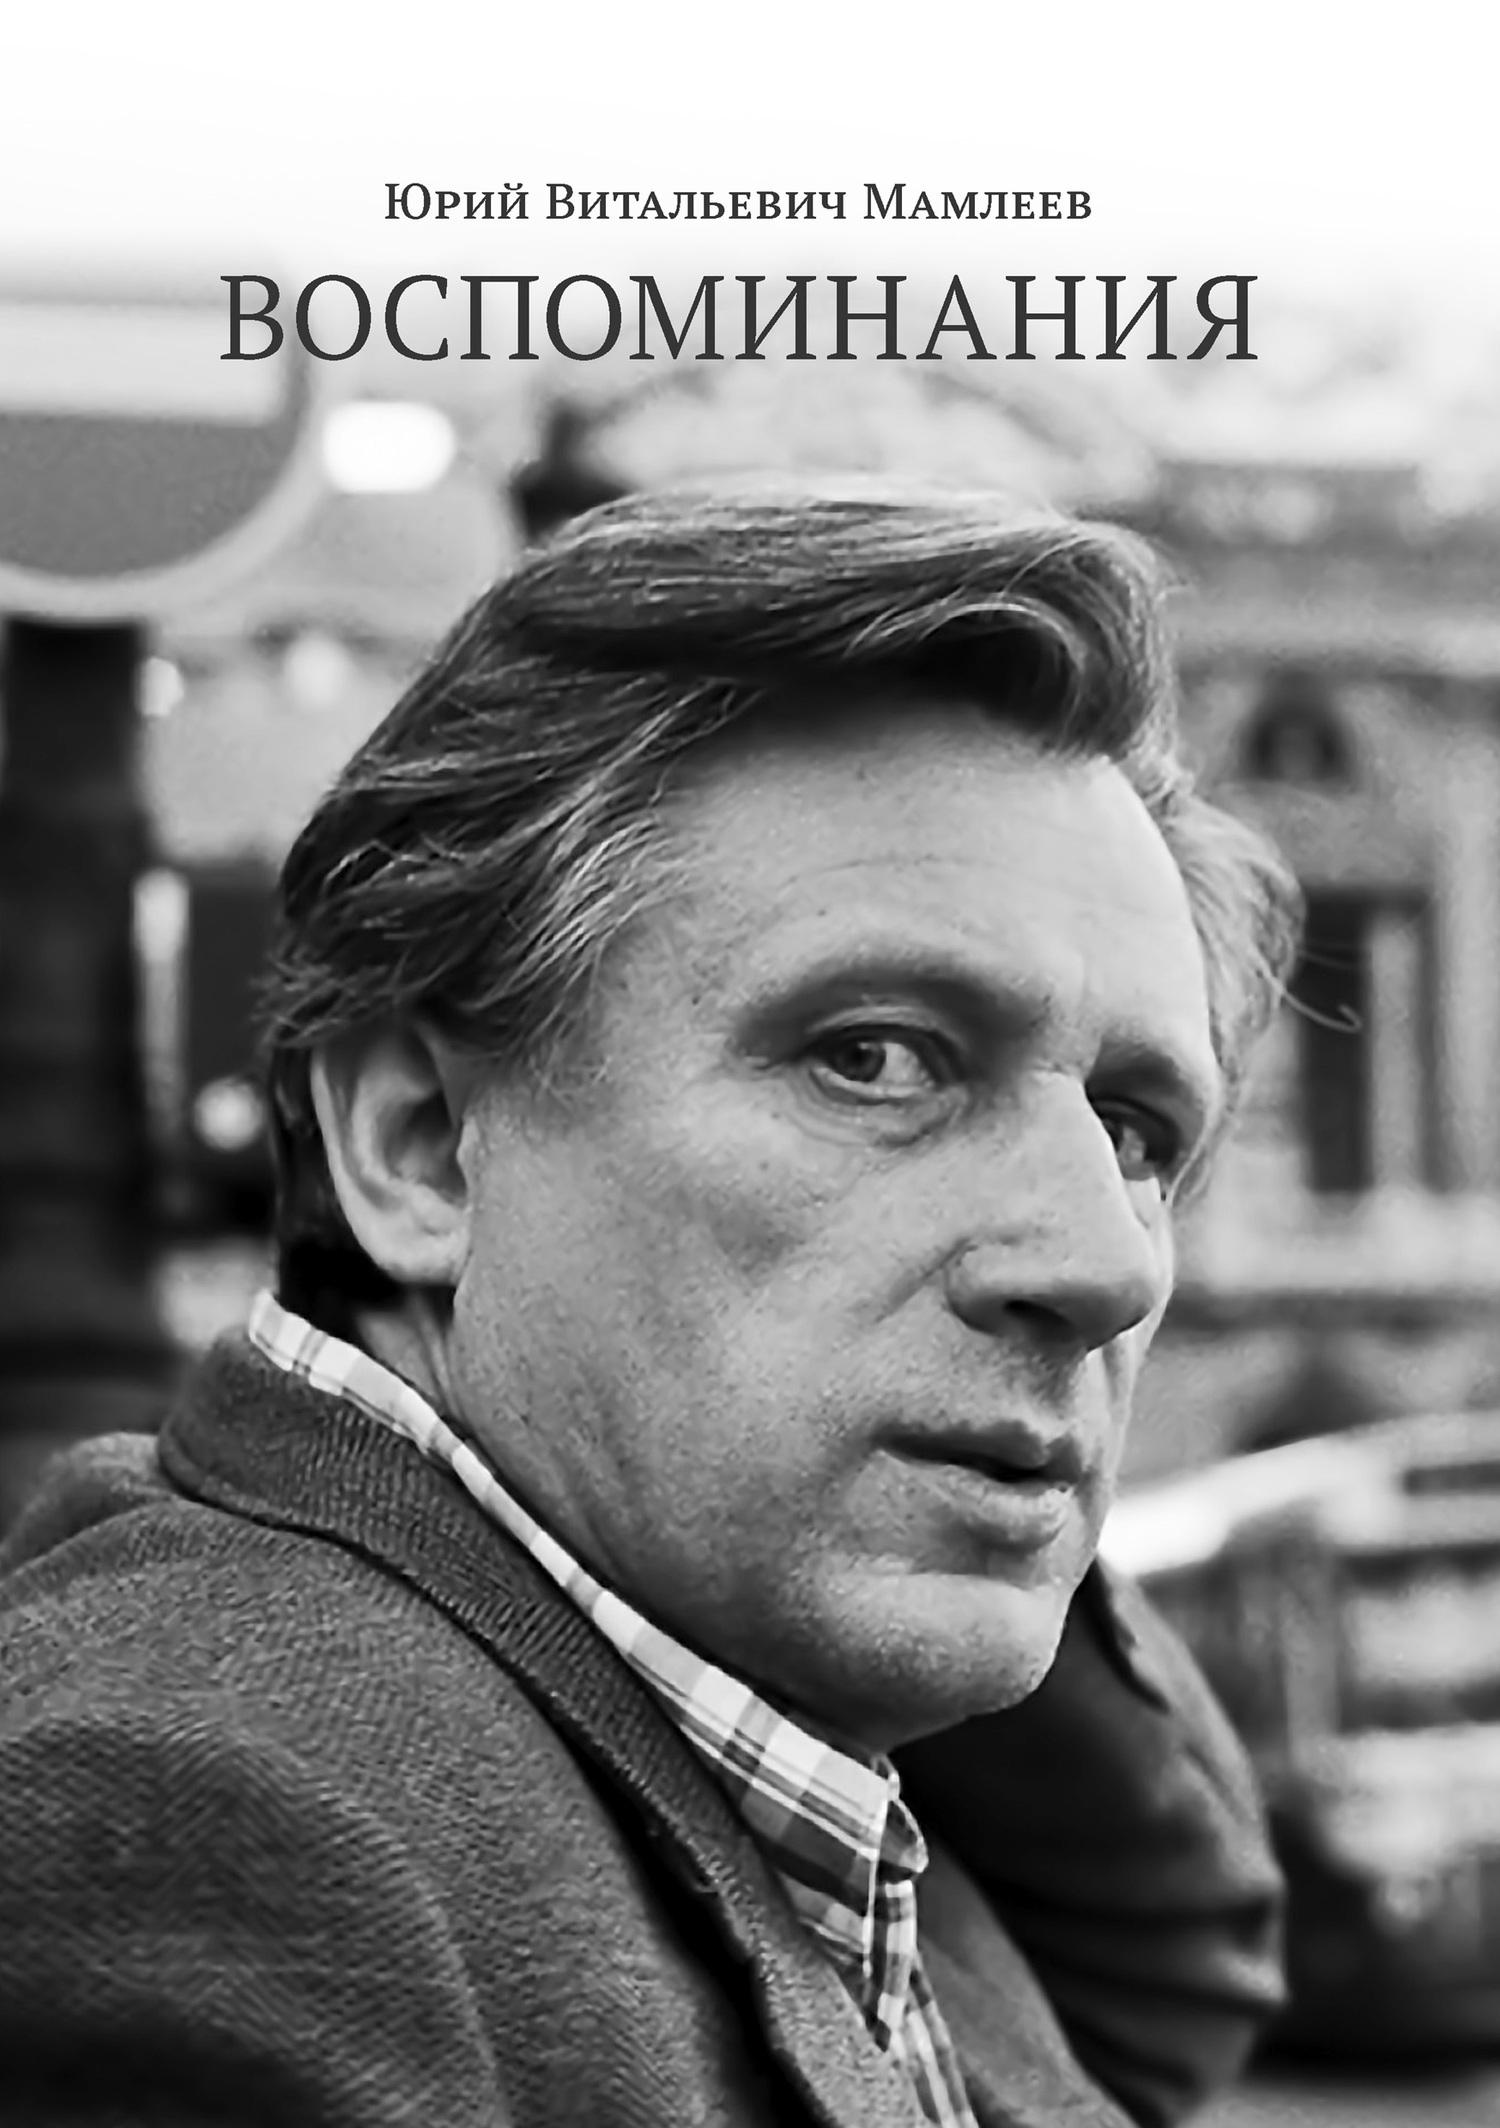 Юрий Мамлеев Воспоминания юрий лотман в моей жизни воспоминания дневники письма